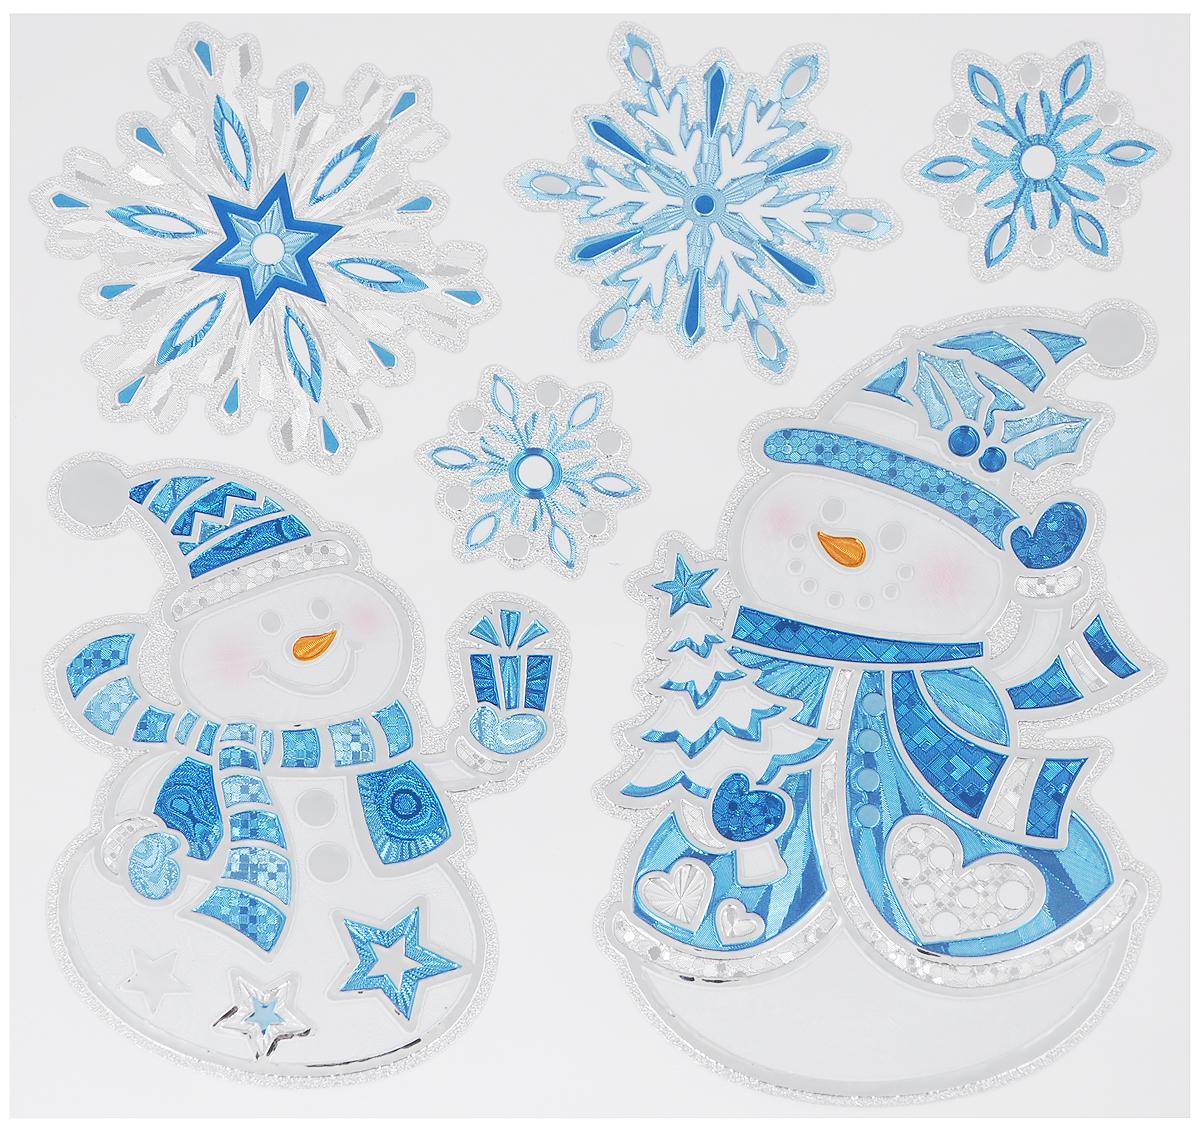 Украшение новогоднее оконное Winter Wings Снеговики, 6 штN09364Новогоднее оконное украшение Winter Wings Снеговики поможет украсить дом к предстоящим праздникам. Наклейки изготовлены из ПВХ и выполнены в виде снеговиков и снежинок.С помощью этих украшений вы сможете оживить интерьер по своему вкусу, наклеить их на окно, на зеркало или на дверь.Новогодние украшения всегда несут в себе волшебство и красоту праздника. Создайте в своем доме атмосферу тепла, веселья и радости, украшая его всей семьей. Размер листа: 17,5 х 18 см. Количество наклеек на листе: 6 шт.